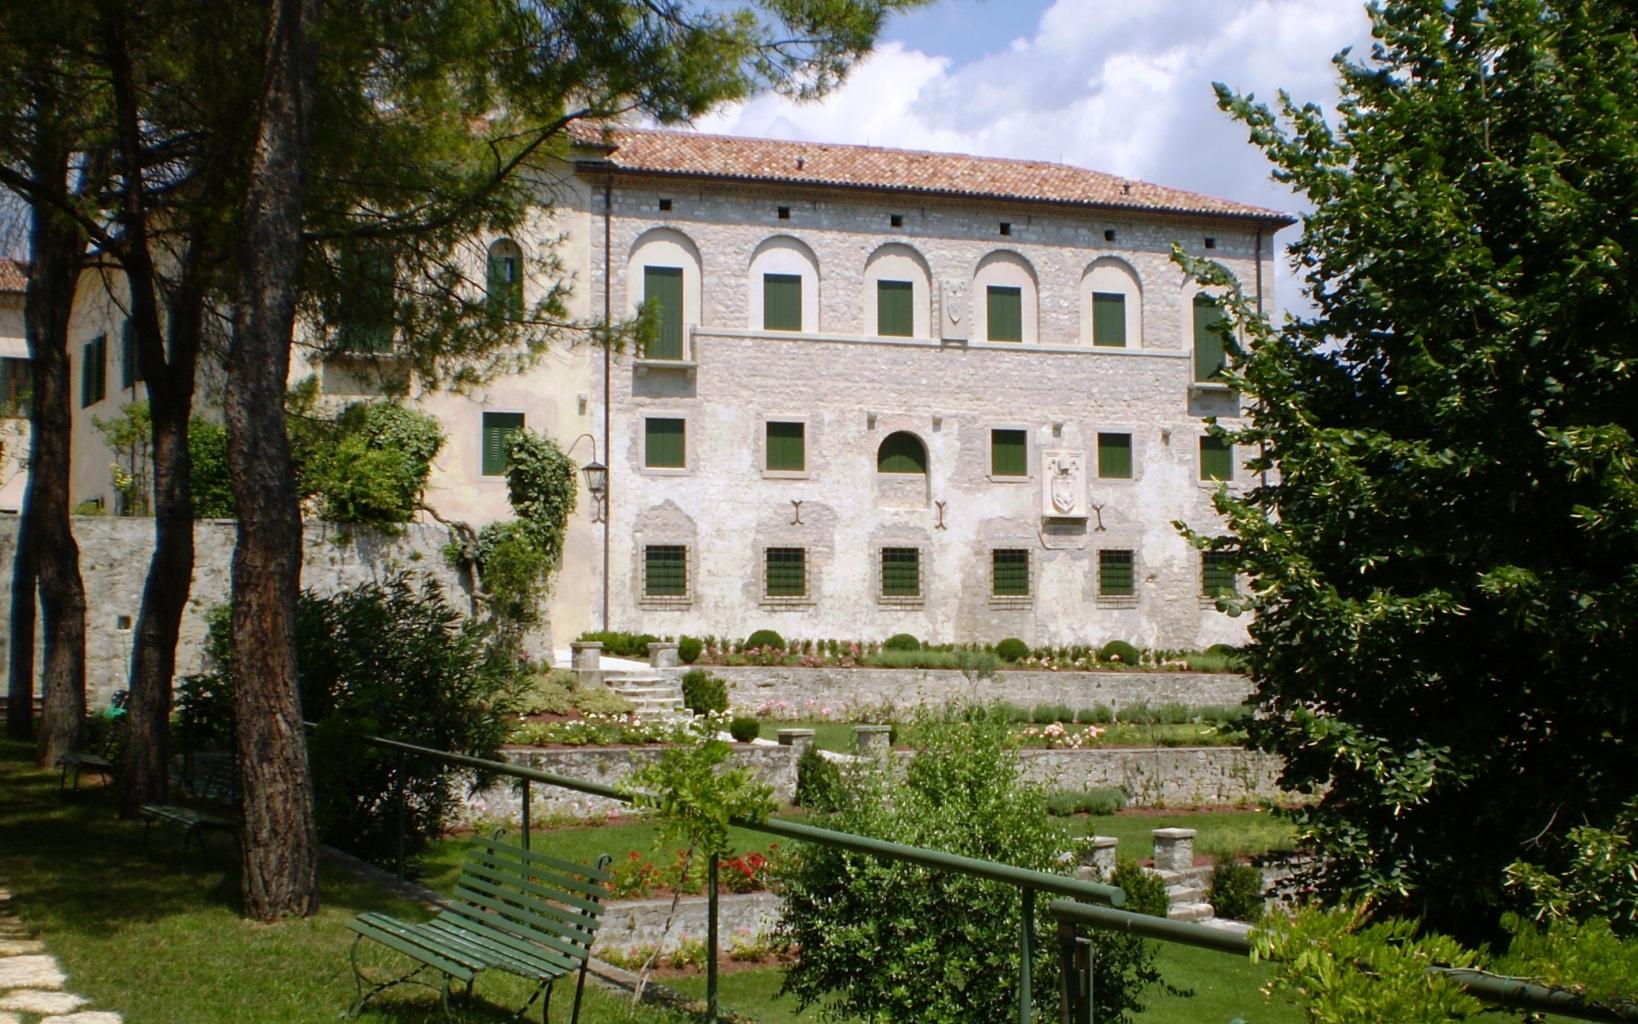 Conegliano vittorio veneto si crea l 39 asse della cultura e turismo legati al prosecco - Casa vittorio veneto ...